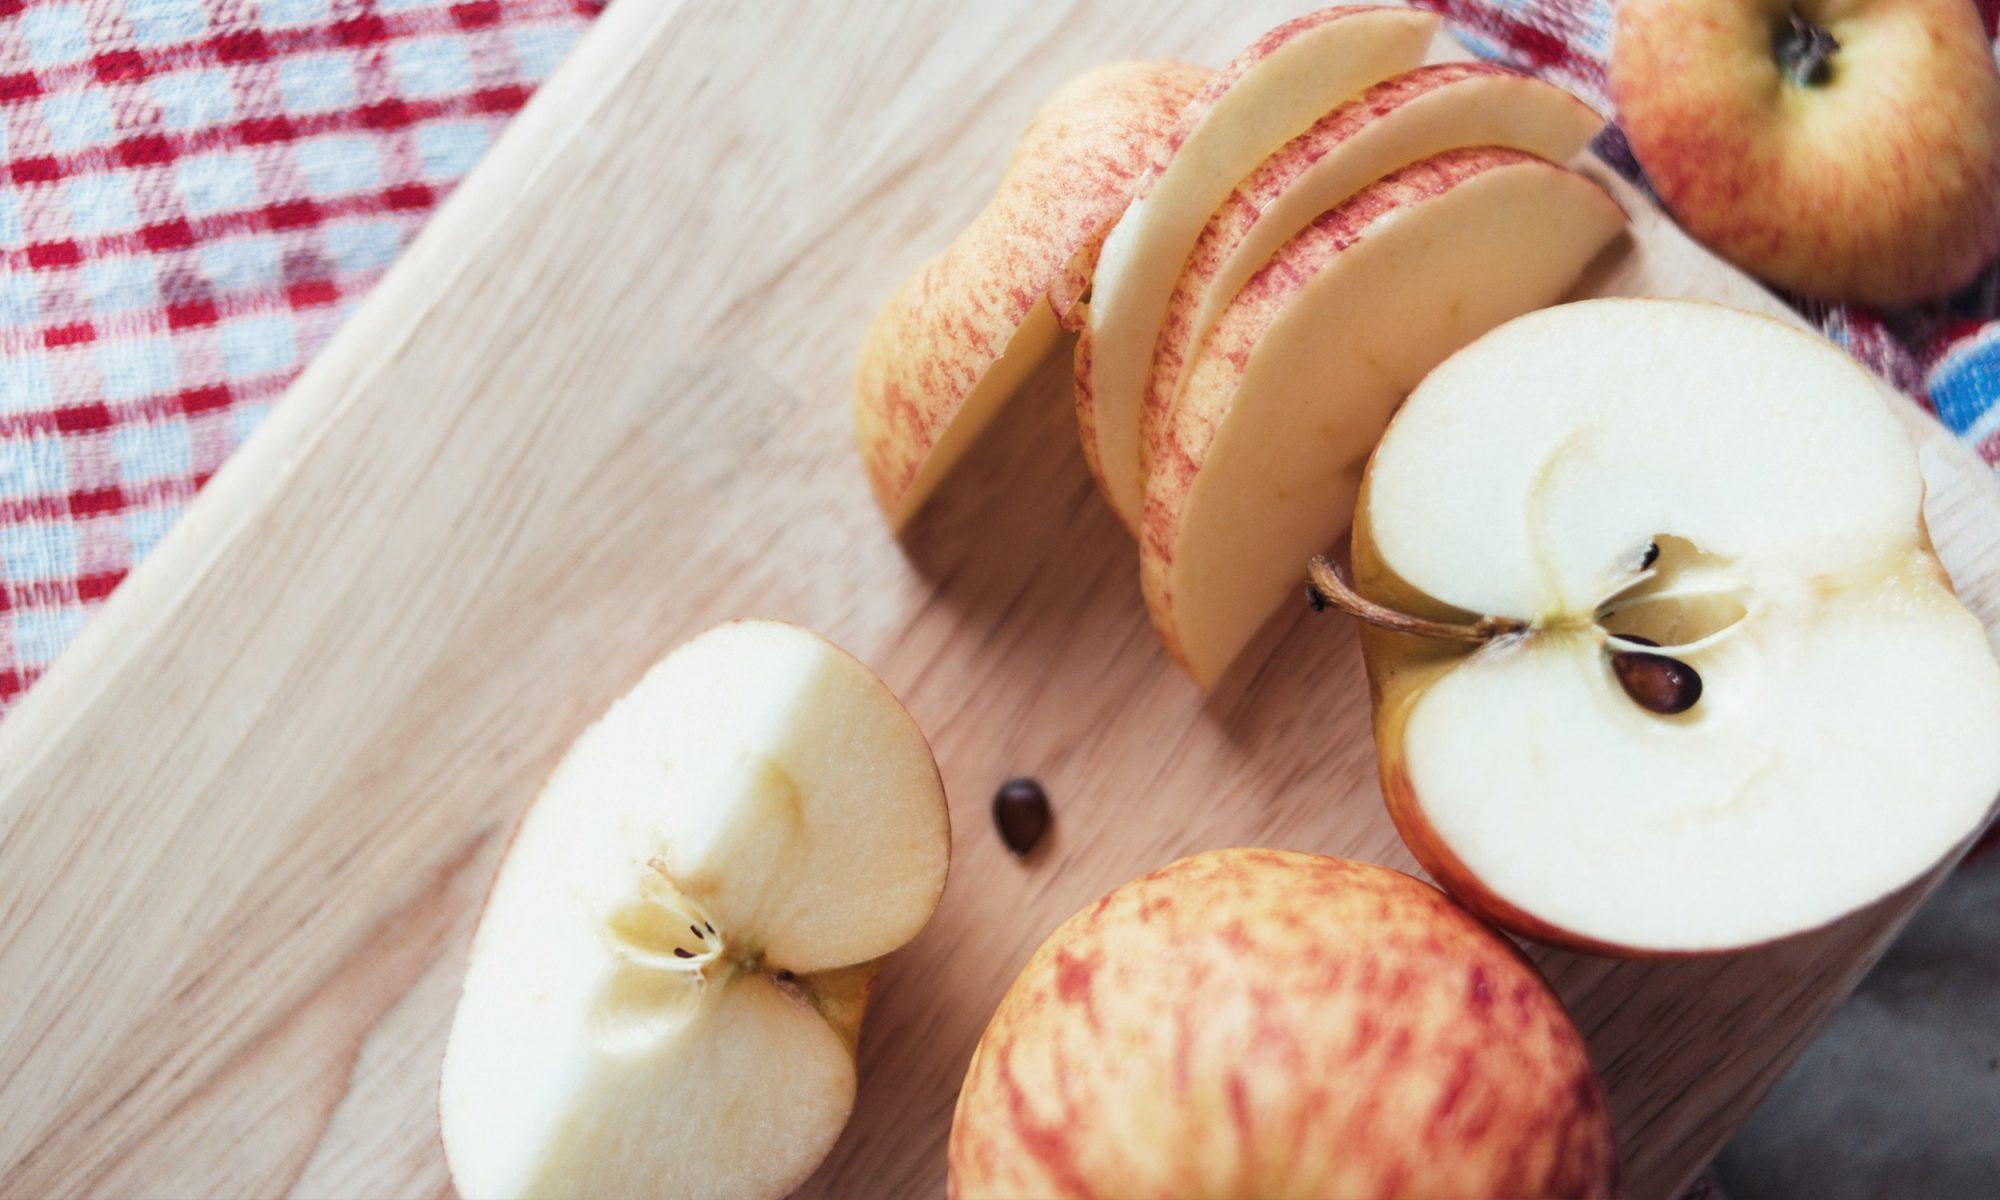 Kết quả hình ảnh cho eat apple